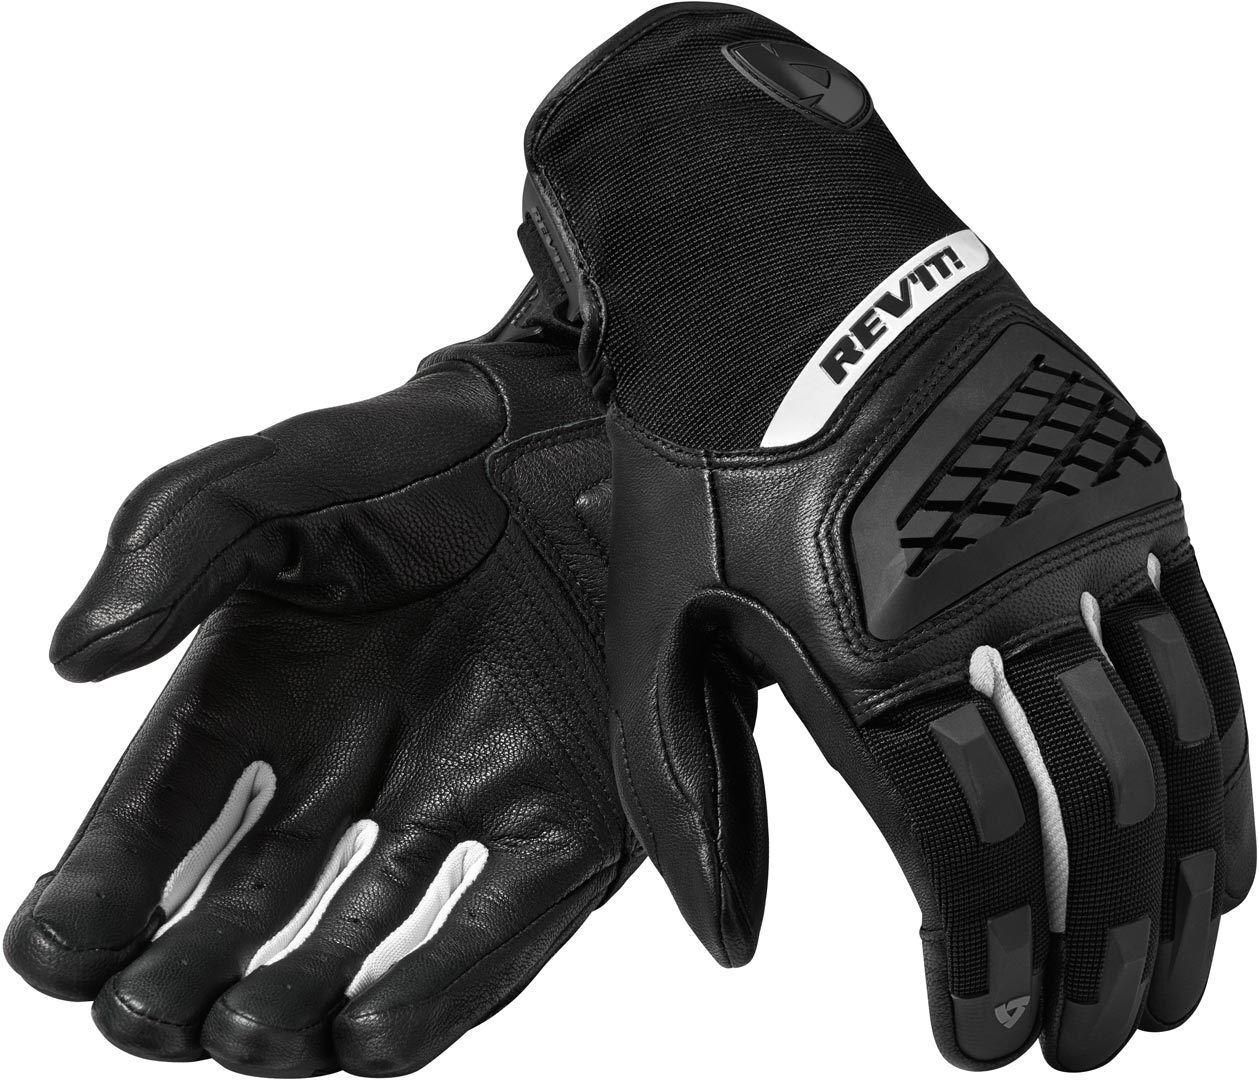 Revit Neutron 3 Gants de motocross Noir Blanc taille : XL